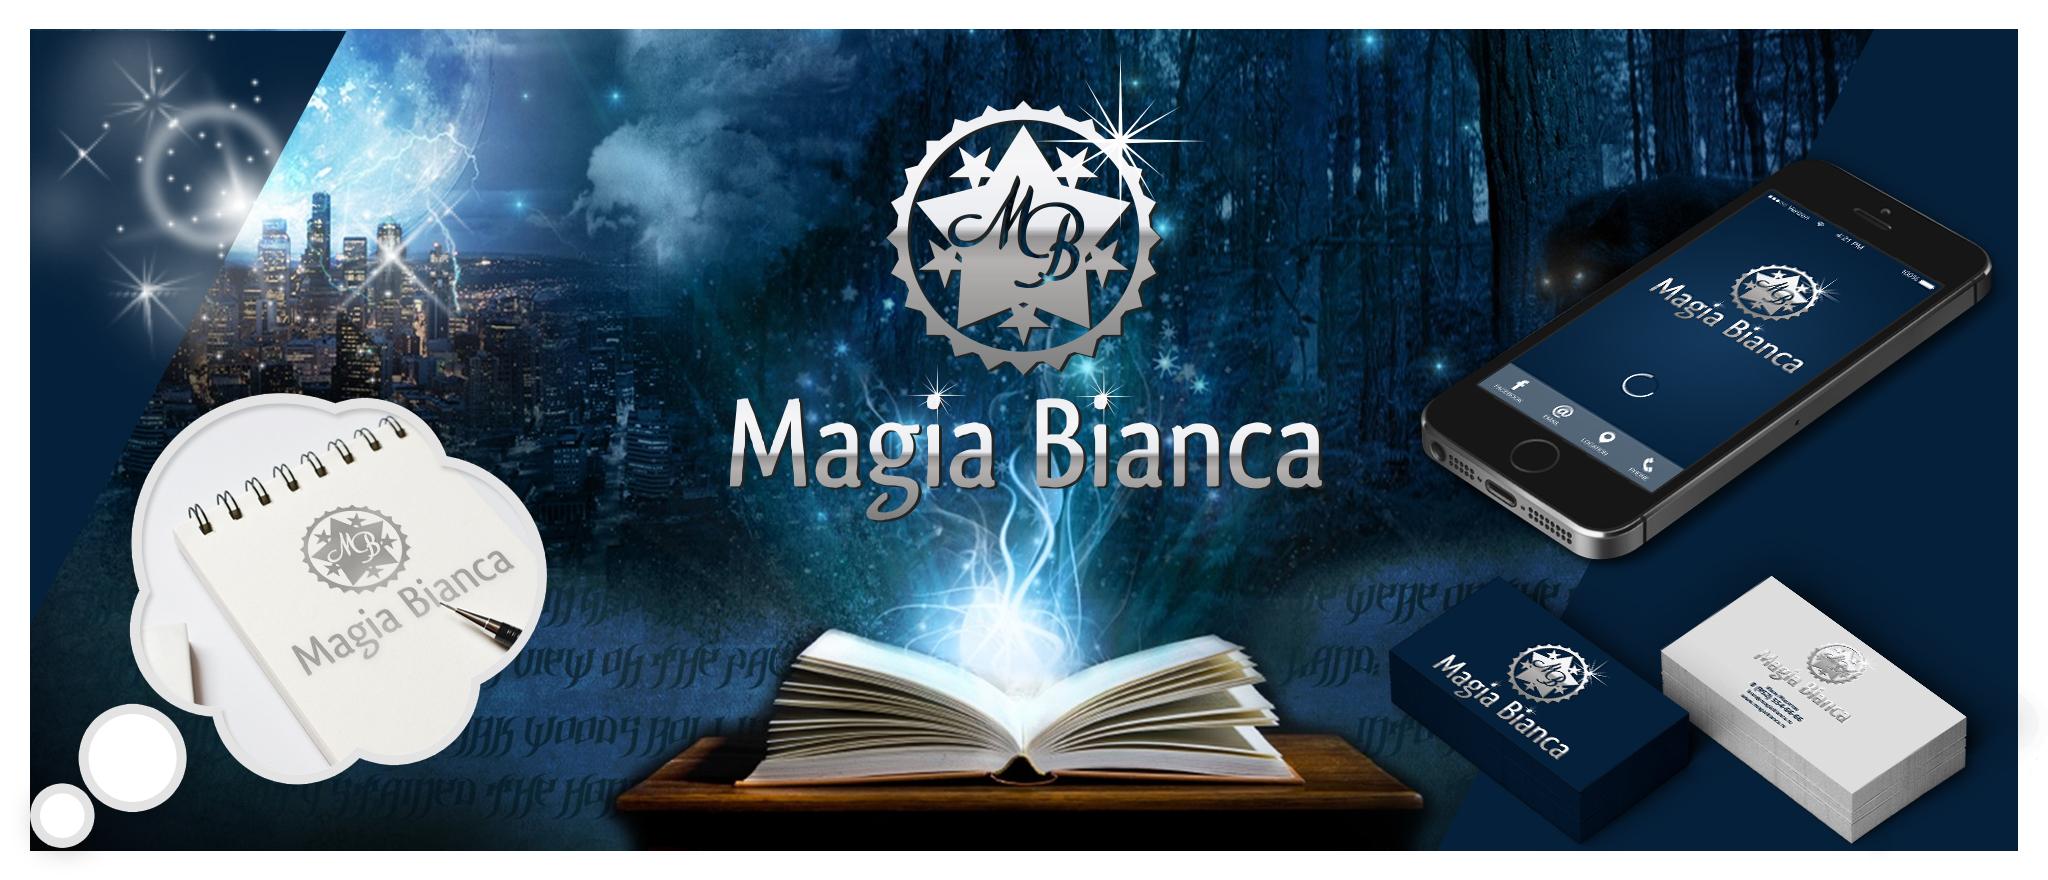 Magia Bianca